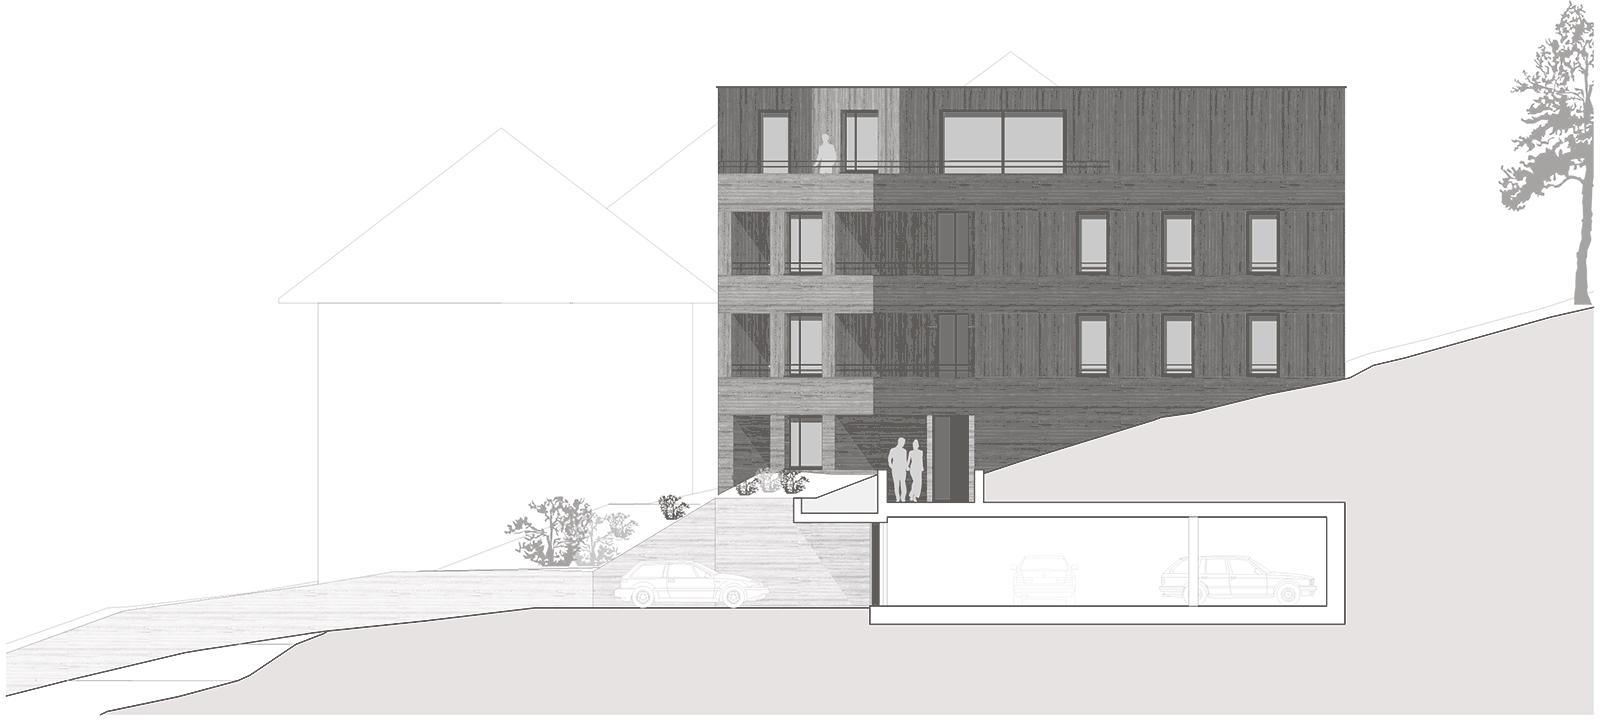 Ostfassade Neubau Mehrfamilienhaus im Eichhölzli Biel/Bienne